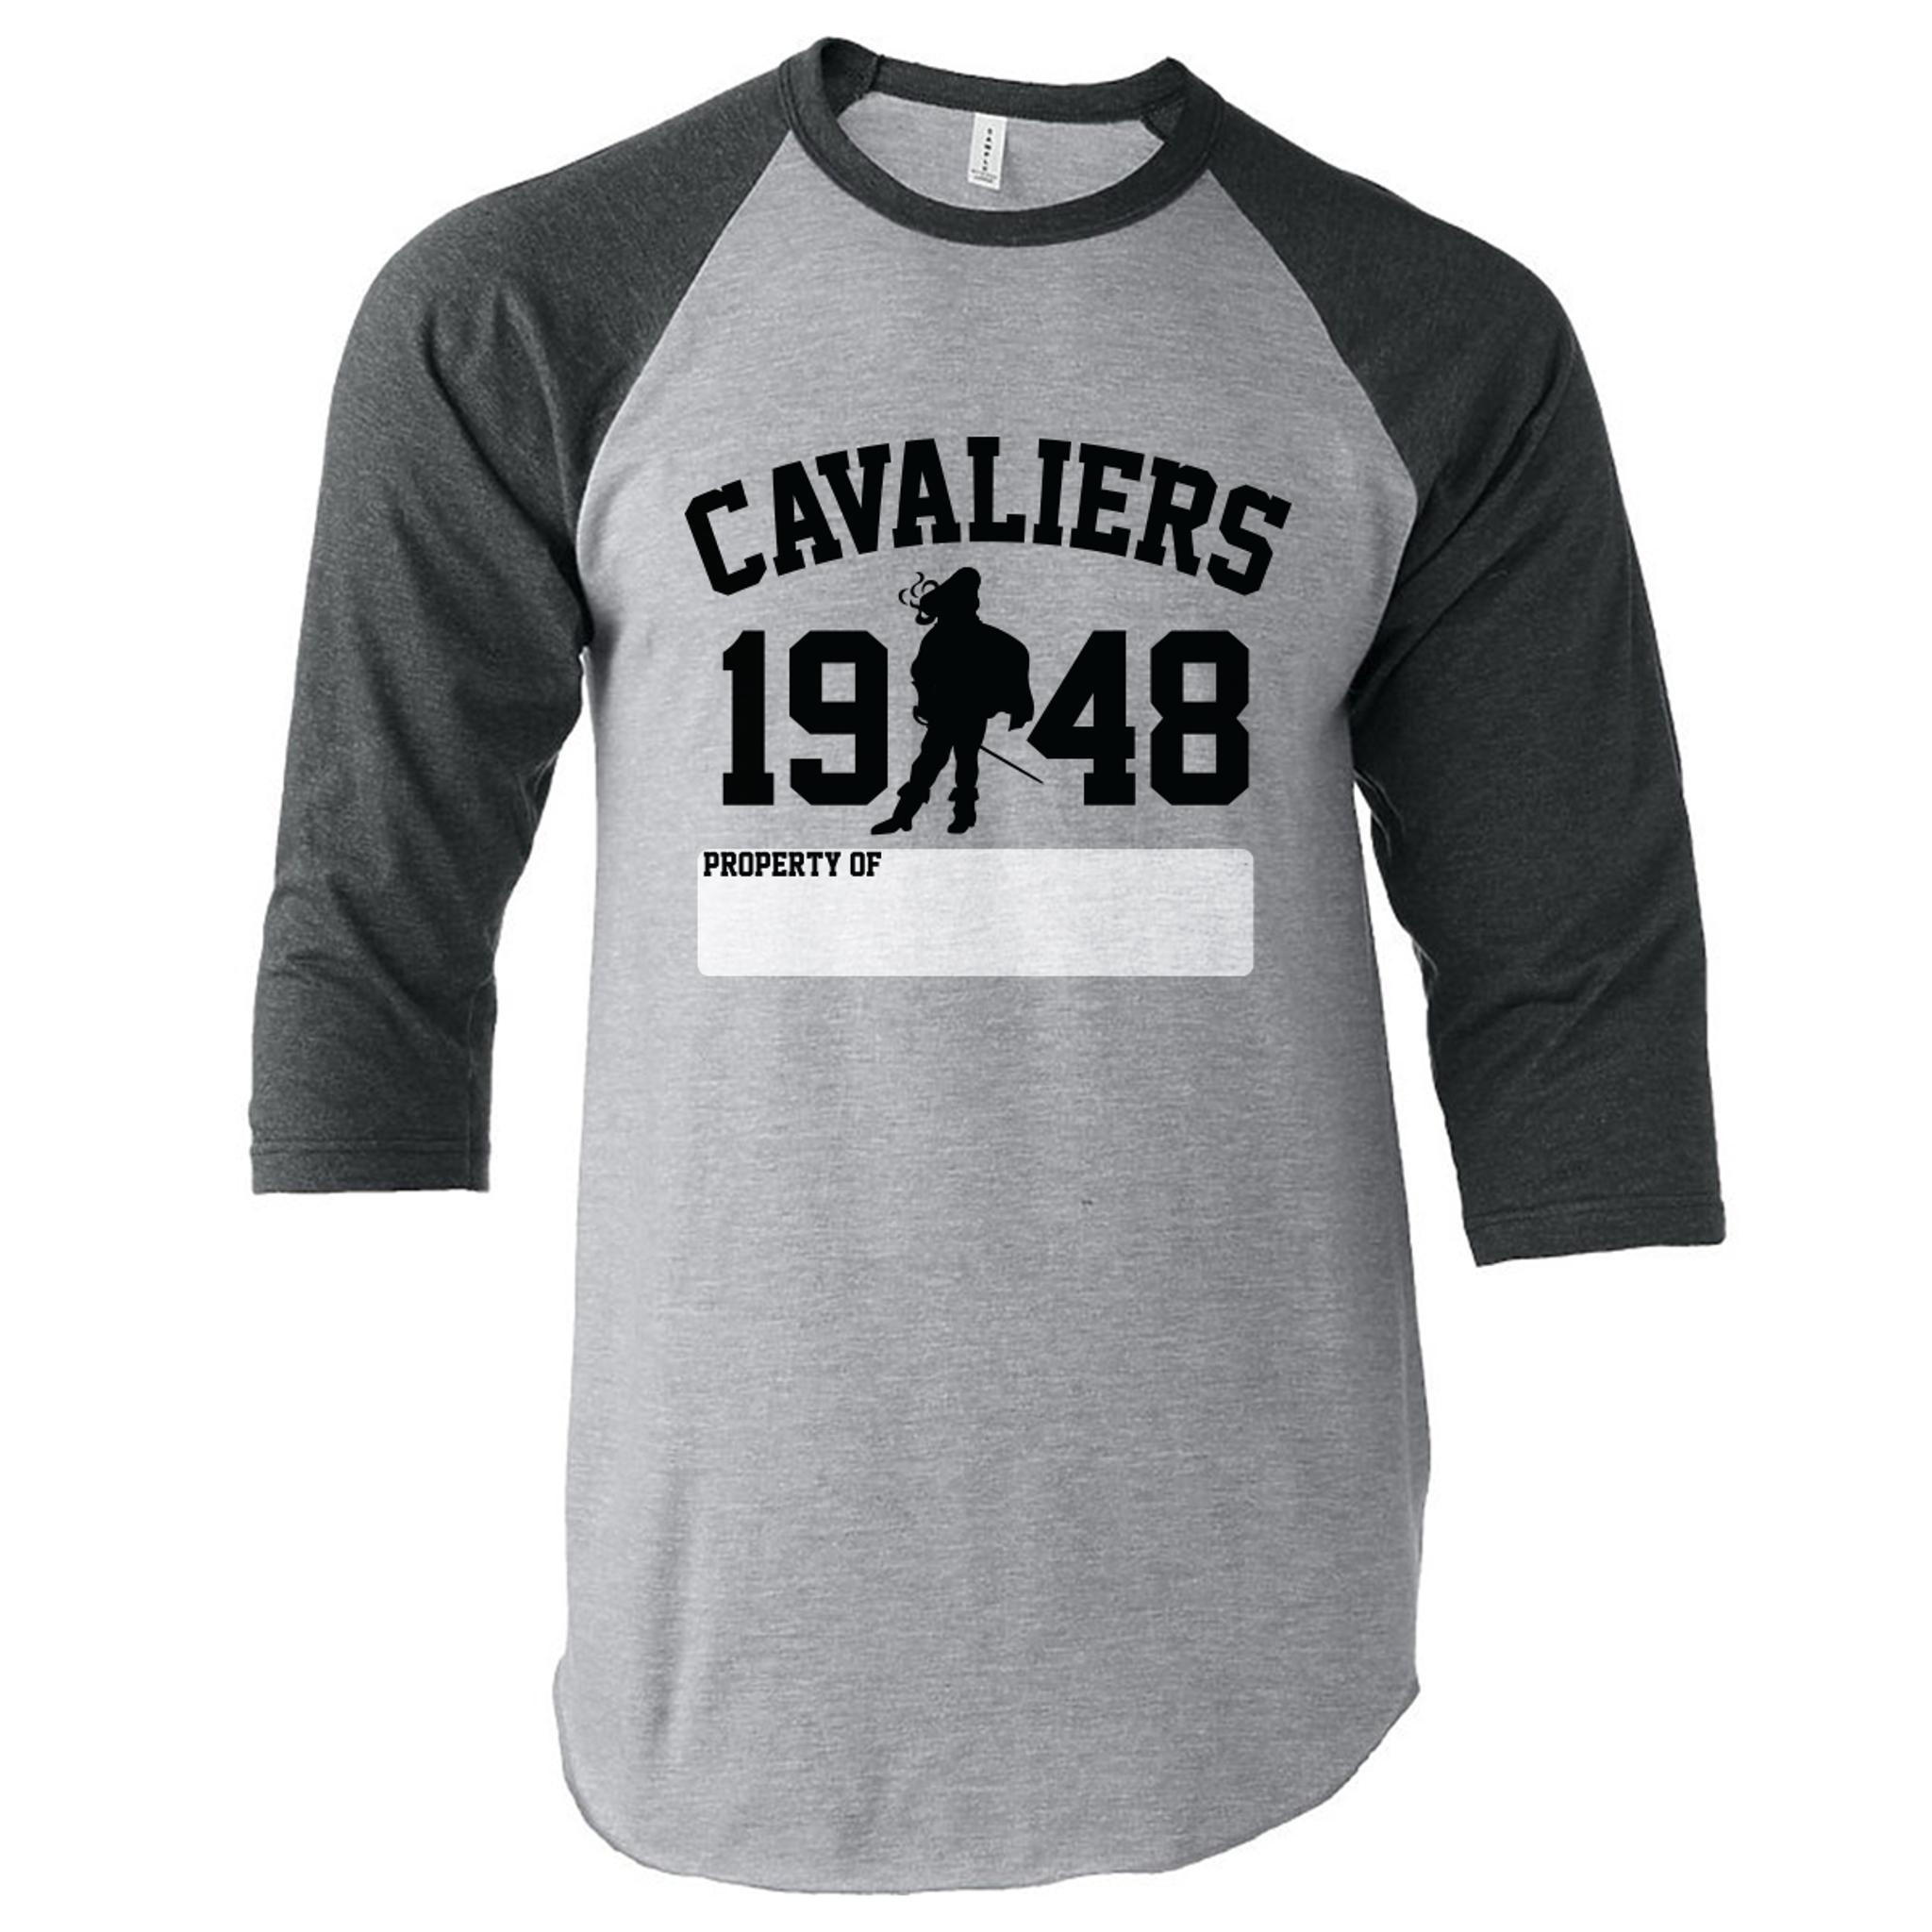 Cavaliers 1948 Baseball Tee